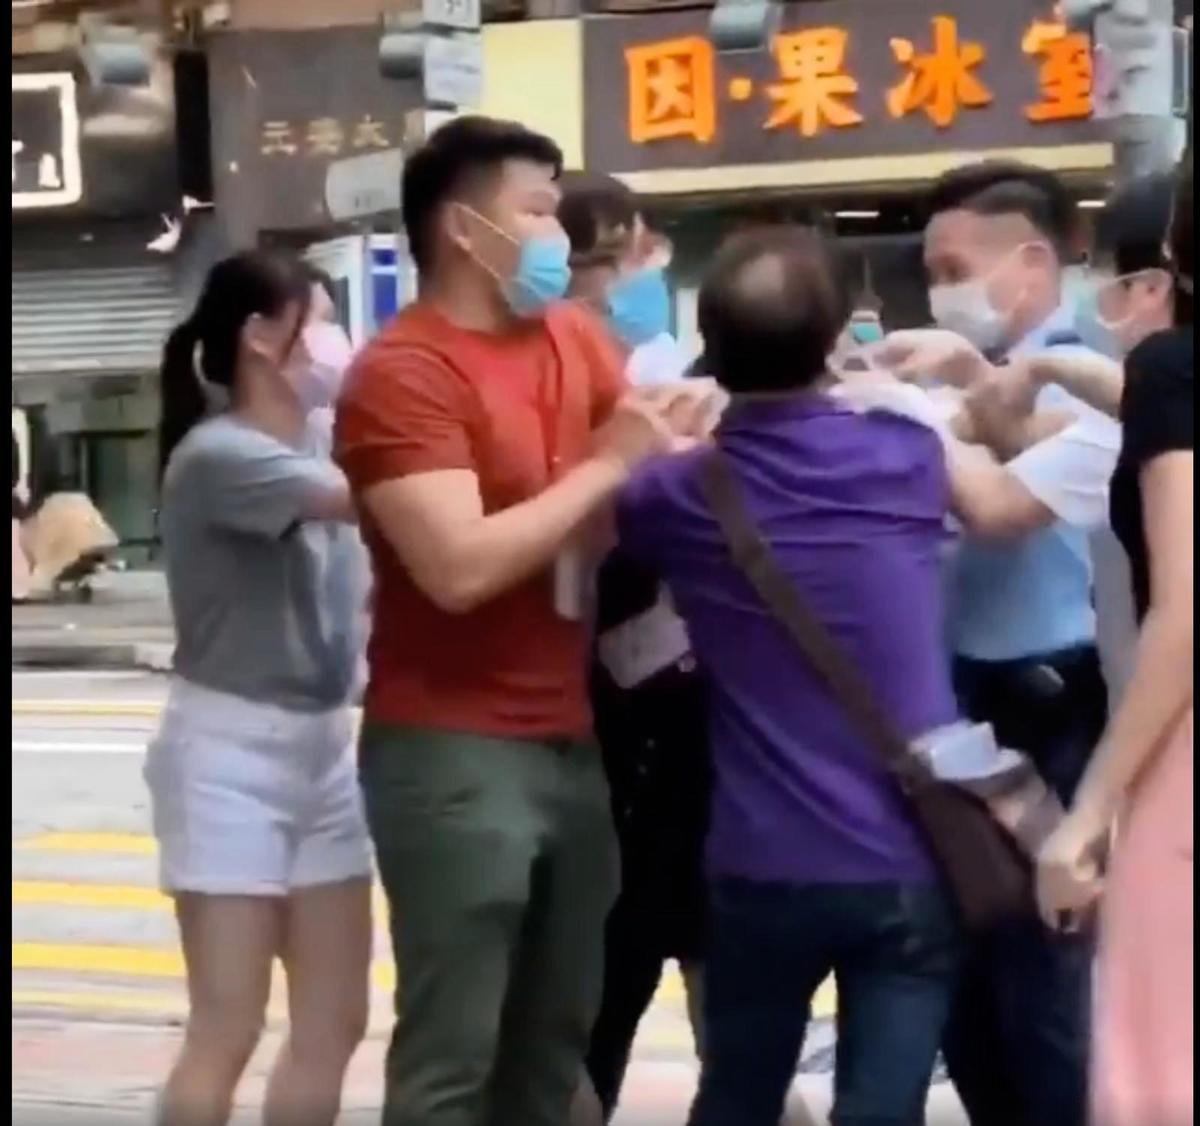 今年5月29日,親共中年男子尹載道(紫色上衣)搗亂區議員反「香港國安法」街站,片段顯示他曾拉扯劉家衡區議員秘書白色上衣,最終卻雙雙被控在公眾地方打鬥。(南昌北 劉家衡 Facebook 影片截圖)